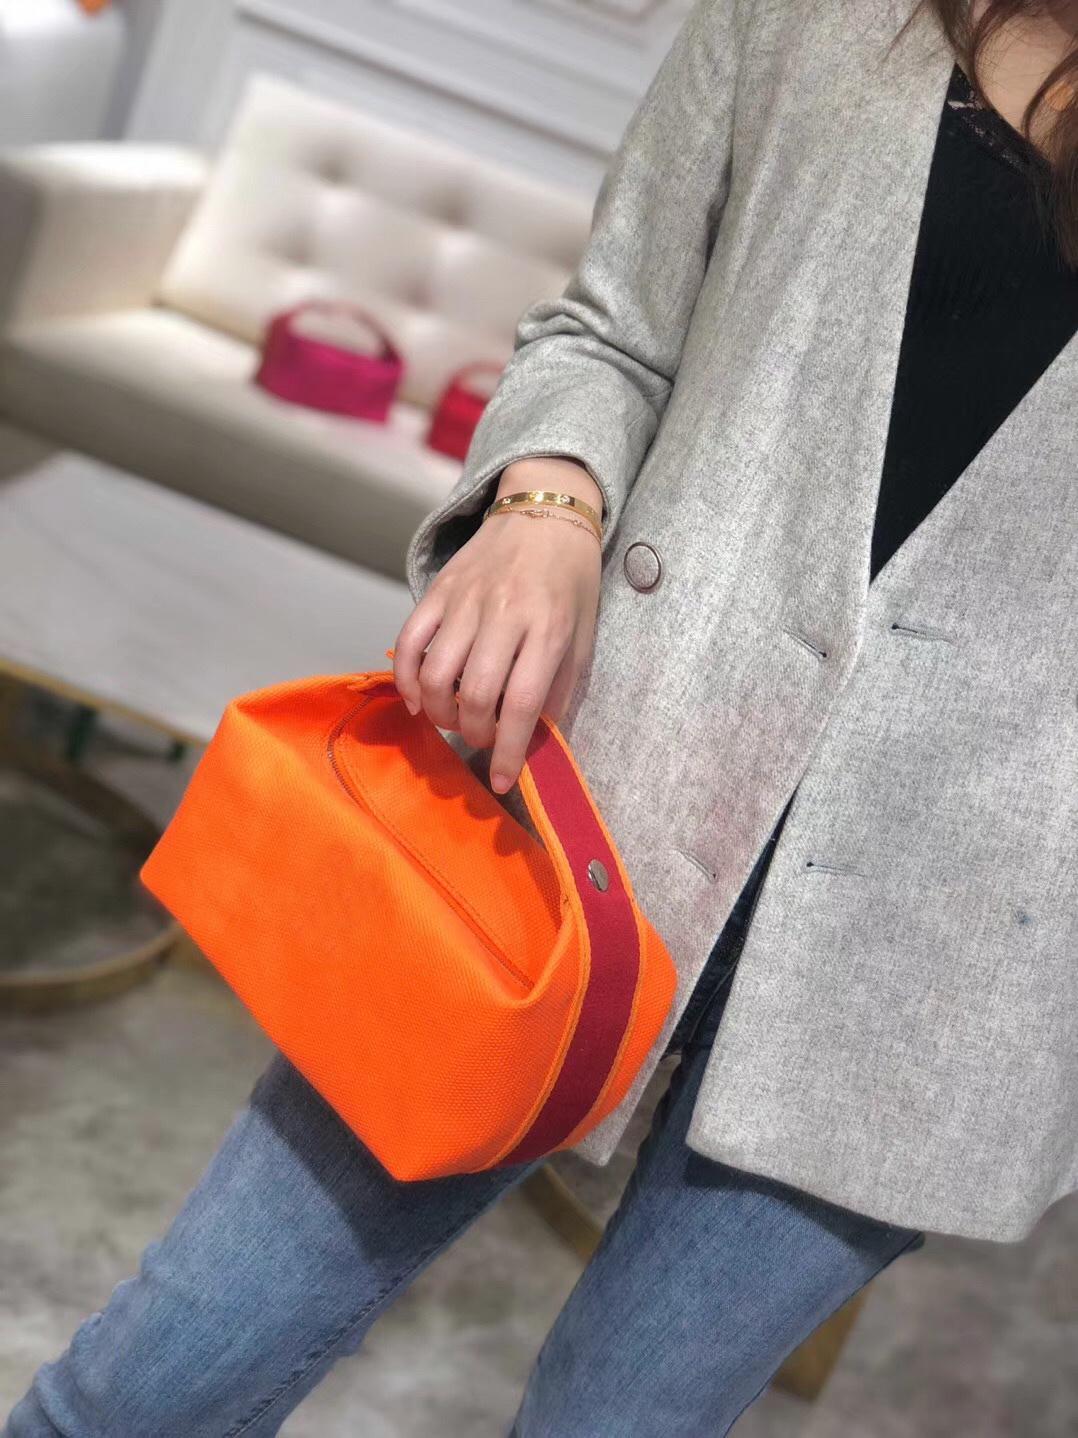 2020 nouveau style de mode concepteur de sac de maquillage femme mode vente chaude sac à main dame cosmétique maquillage sac Livraison gratuite